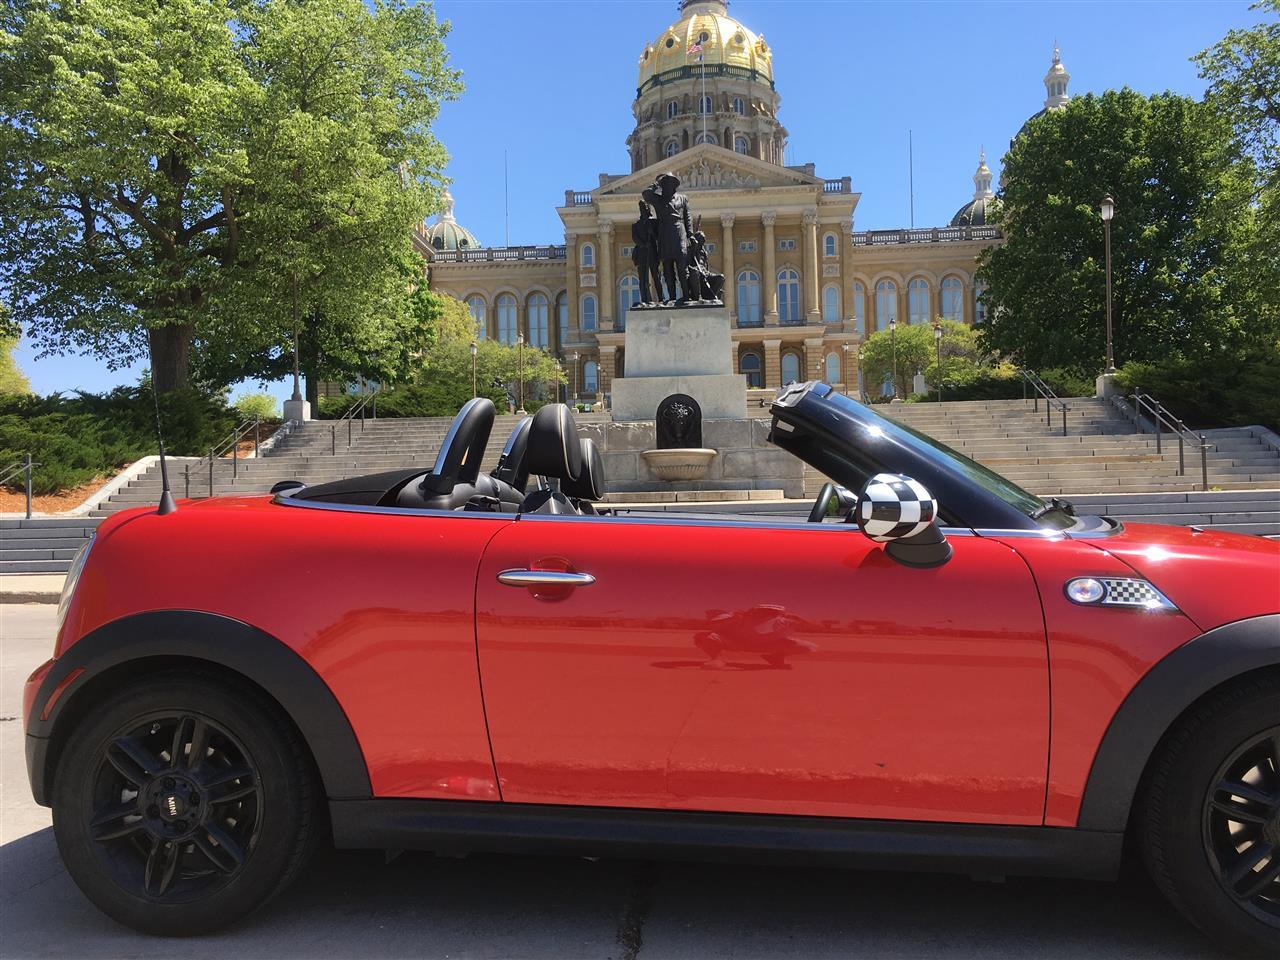 State Capitol Building. #Des Moines